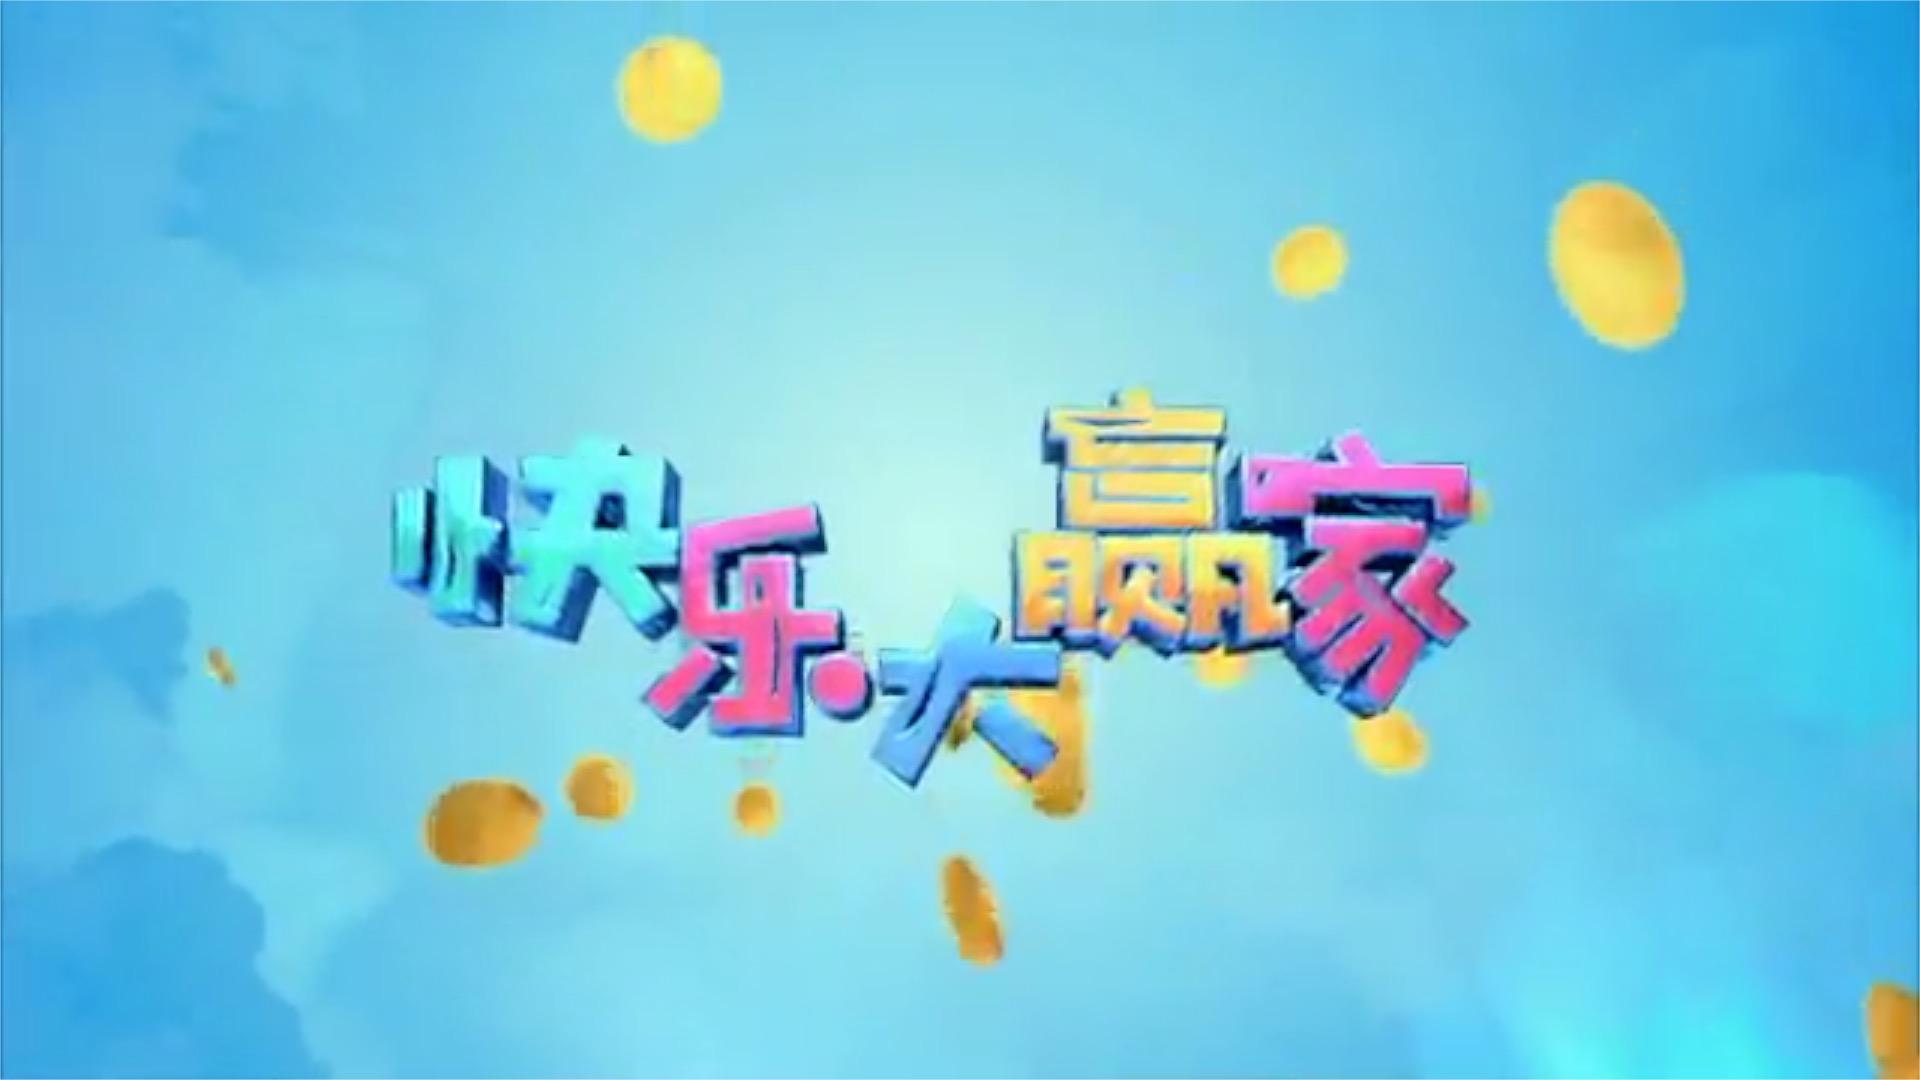 2019年3月30日《快乐大赢家》完整版